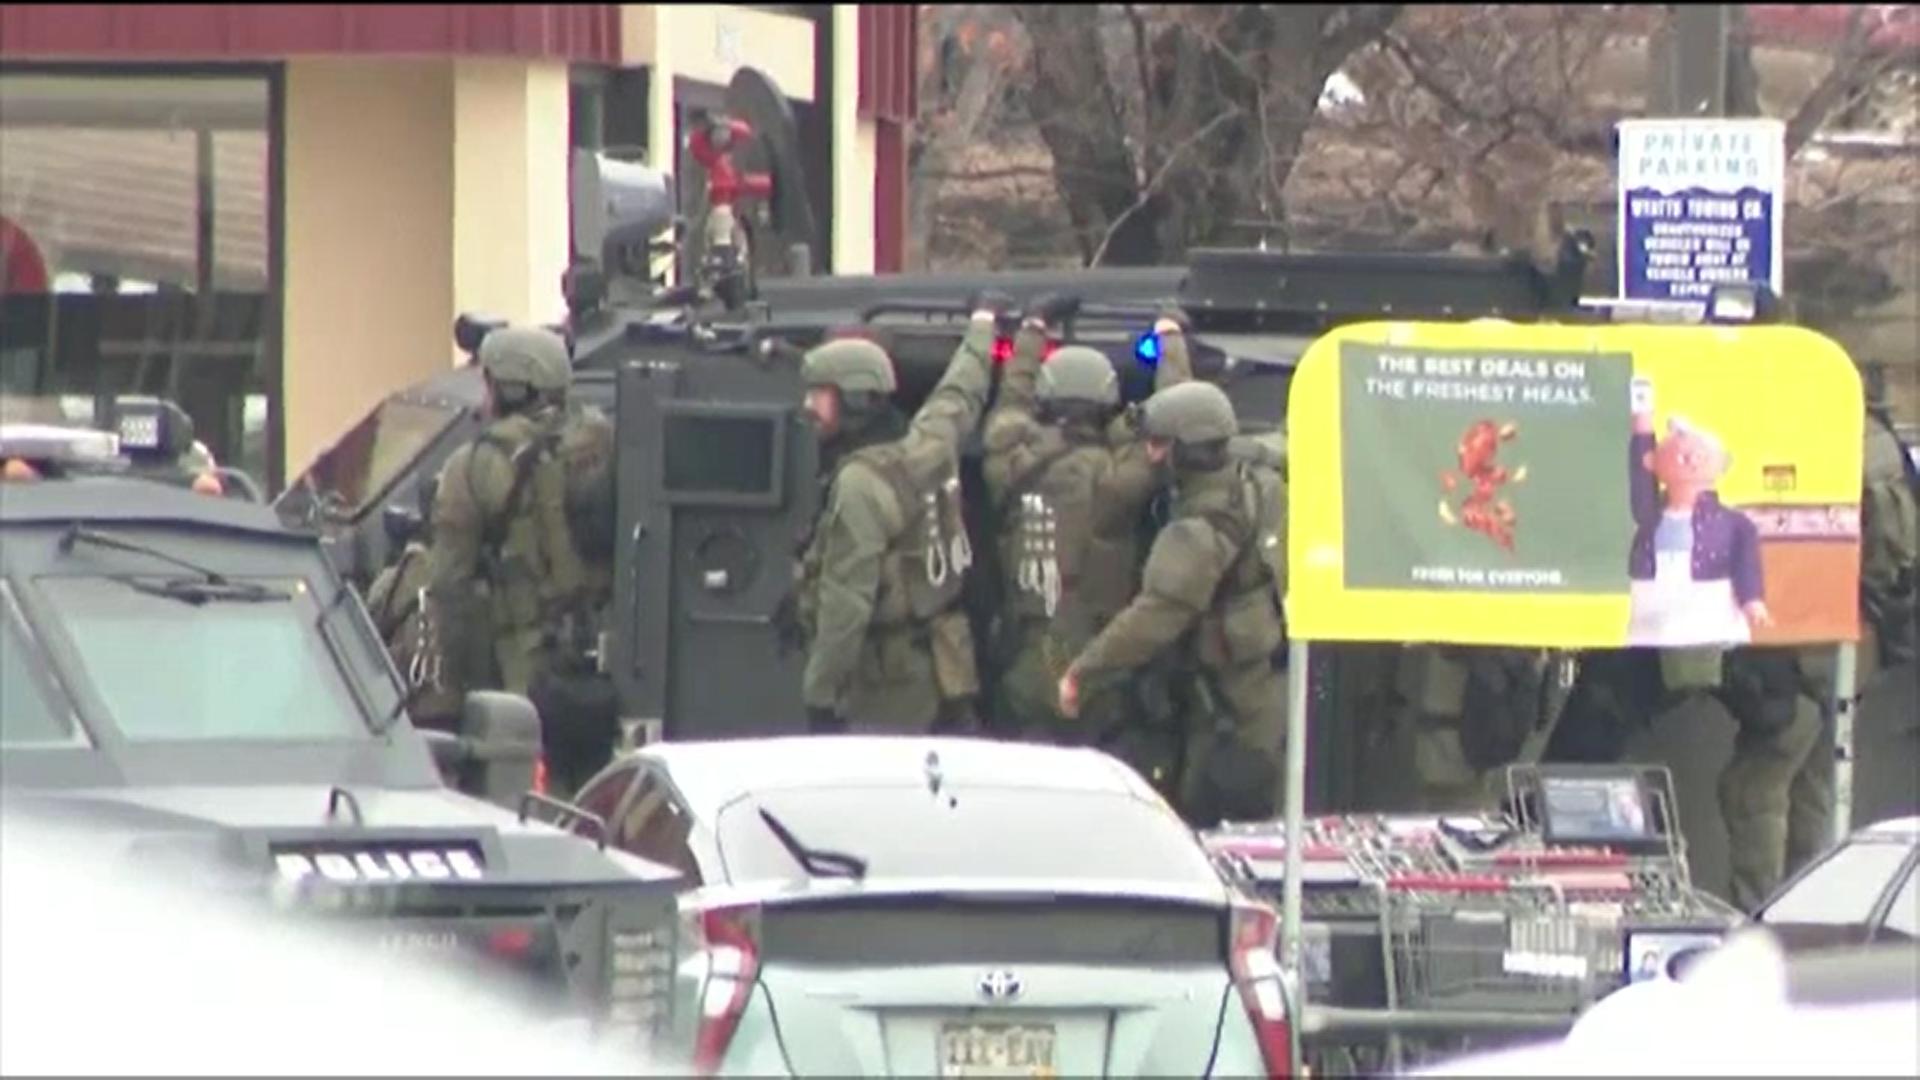 Cel puțin zece persoane, printre care un polițist, ucise într-un schimb de focuri la un supermarket din Colorado